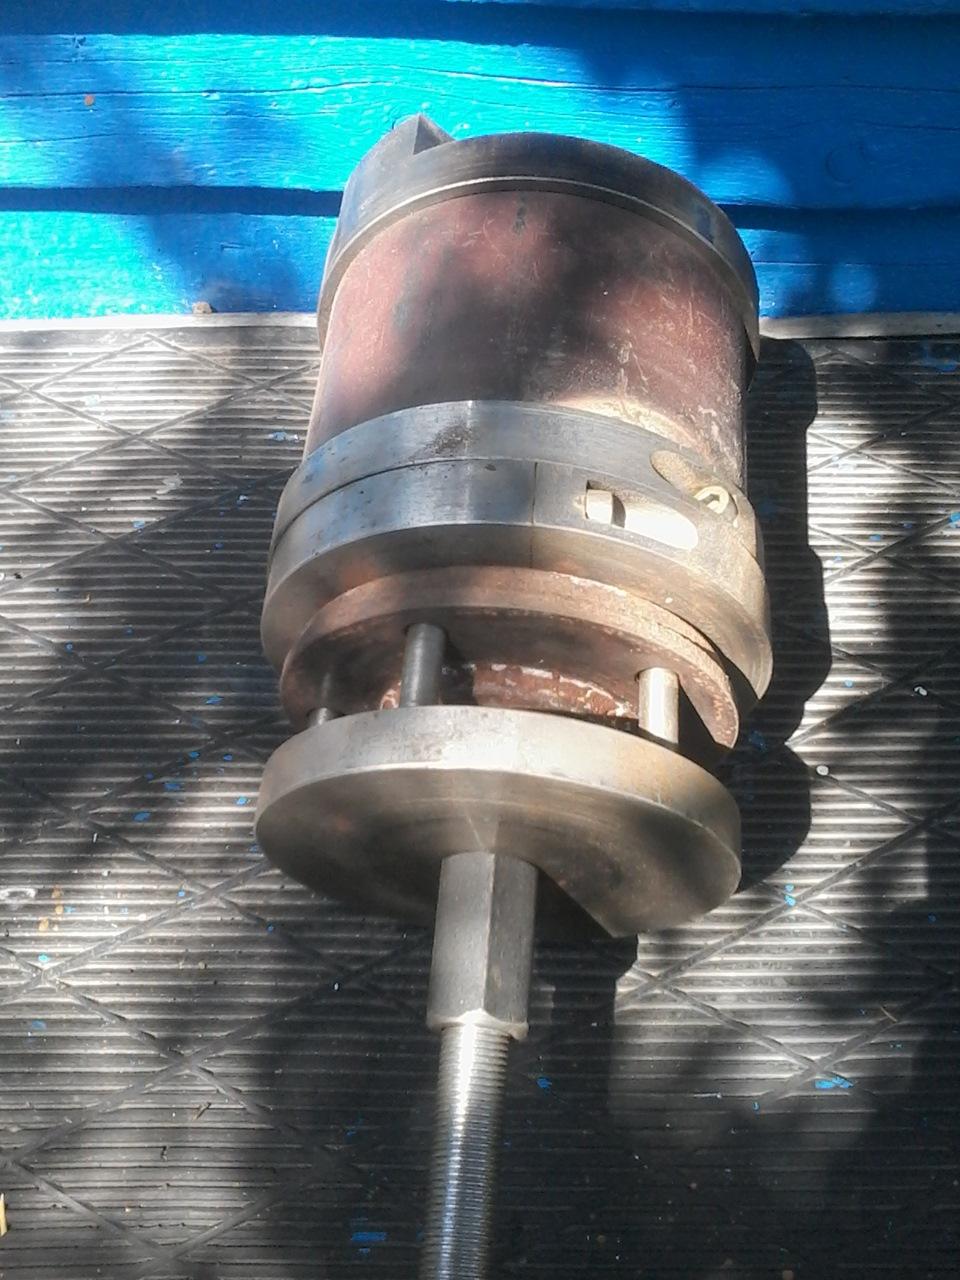 Съемник ступичных подшипников на фольксваген транспортер т5 охлаждающие конвейеры цена